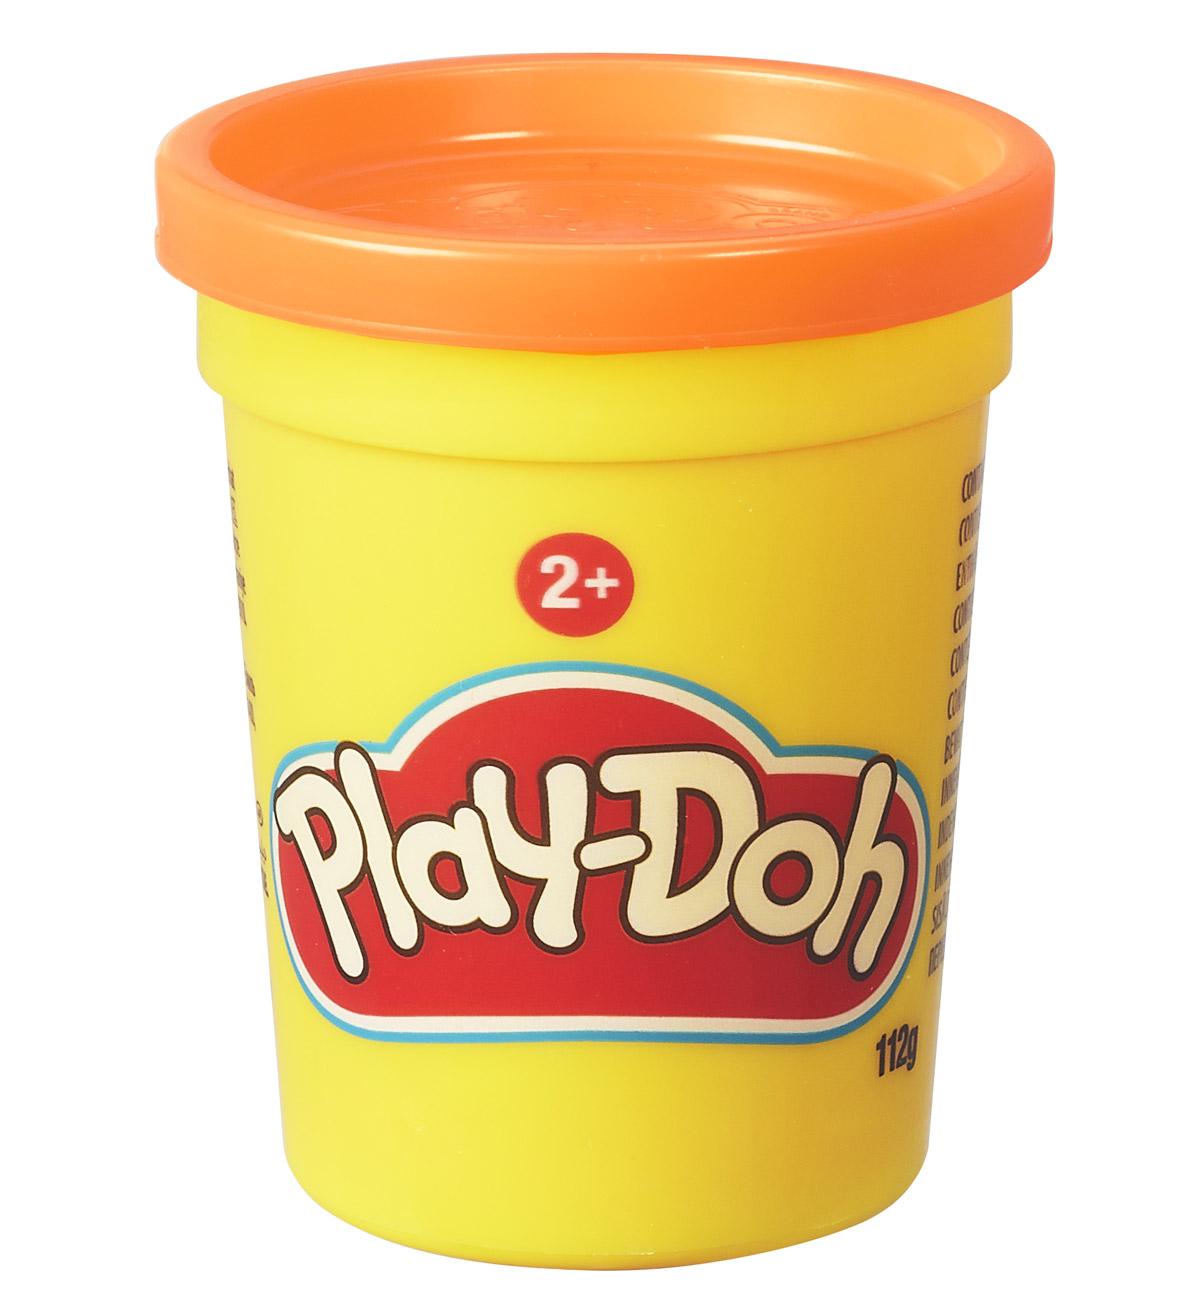 Play-Doh Масса для лепки цвет оранжевыйB6754EU2_оранжевыйМасса для лепки Play-Doh прекрасно подходит для обучения детей азам лепки. Поможет малышу развить творческие способности, воображение и мелкую моторику рук. Очень мягкий пластилин хорошо мнется и быстро высыхает. Окрашен безопасным красителем. Лепка из пластилина - необычайно занимательный процесс не только для детей, но и для взрослых.